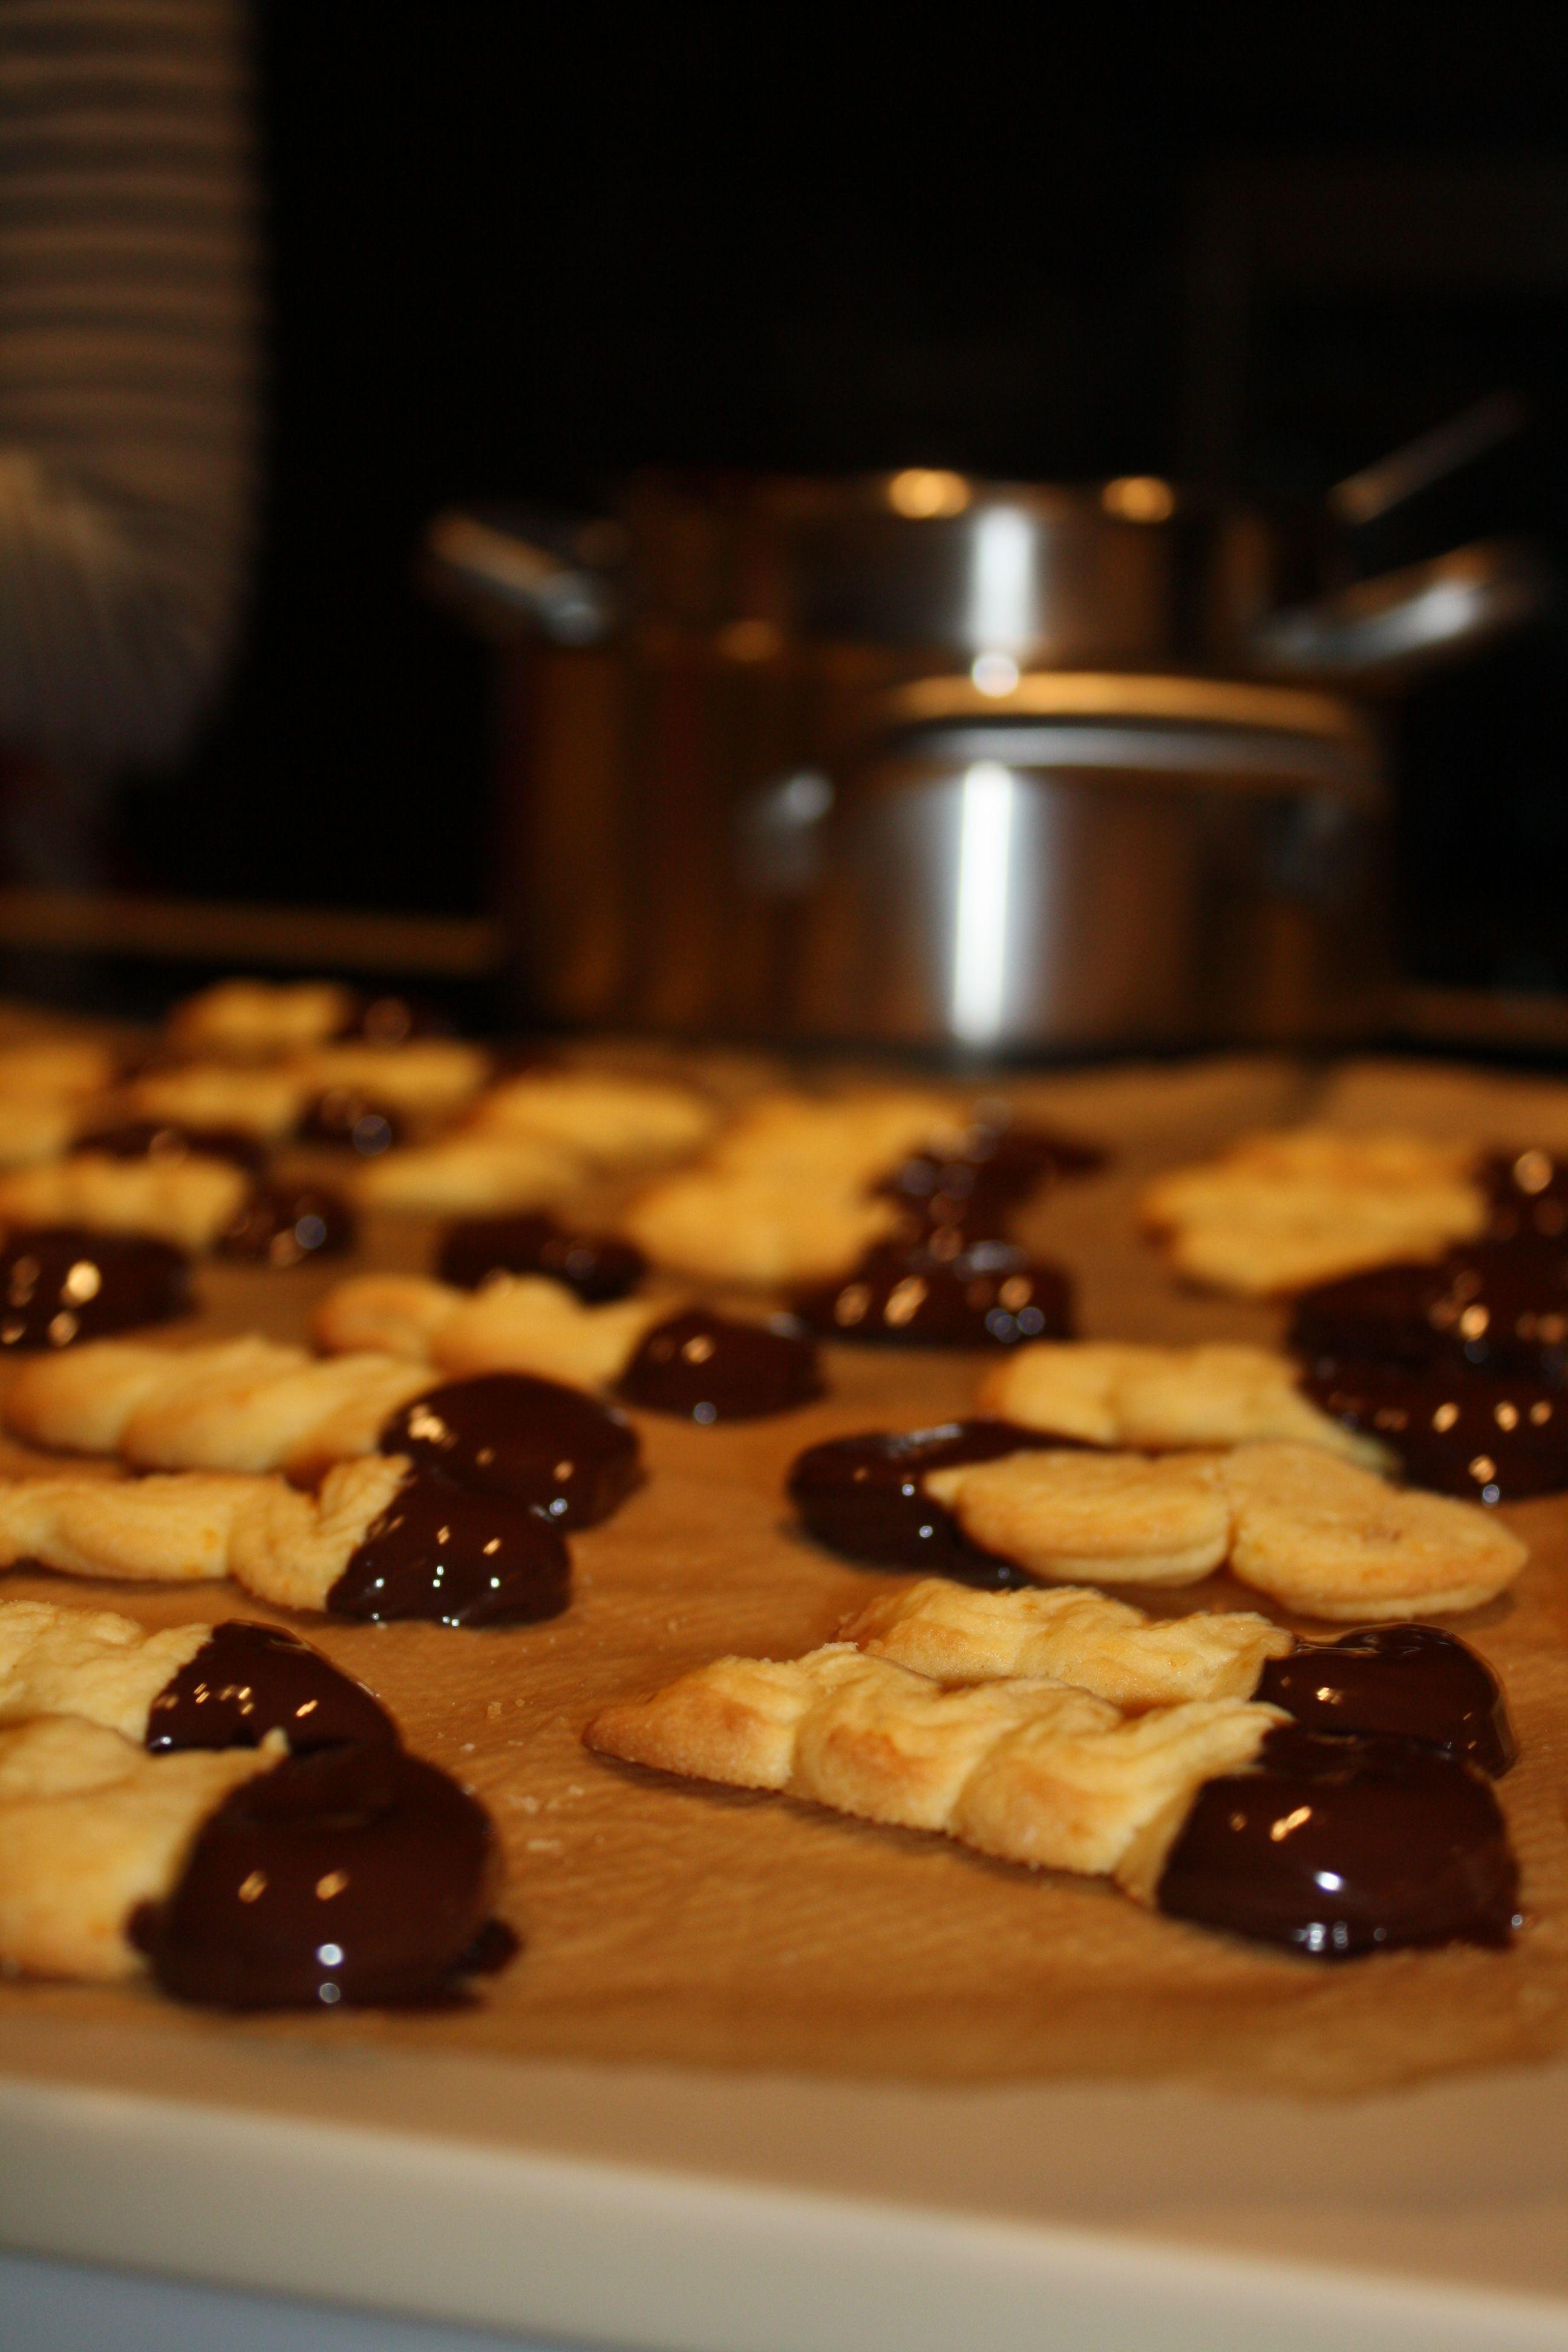 """Orangenzungen -  200g Butter mit 125g Zucker schaumig schlagen. Schale und Saft von 2 Orangen, 3 Eigelb und nach Geschmack ½ Flasche Orangenaroma nach und nach unterrühren. 100g Speisestärke und 200g Mehl einsieben.  Teig mit einem Spritzbeutel in etwa 4 cm lange """"Zungen"""" spritzen.   Im vorgeheizten Ofen bei 190°C ca. 10-12 min hellgelb backen.   200g Zartbitter-Kuvertüre im Wasserbad schmelzen und die Orangenzungen an einer Seite eintauchen, unten leicht absteifen und fest werden lassen…"""